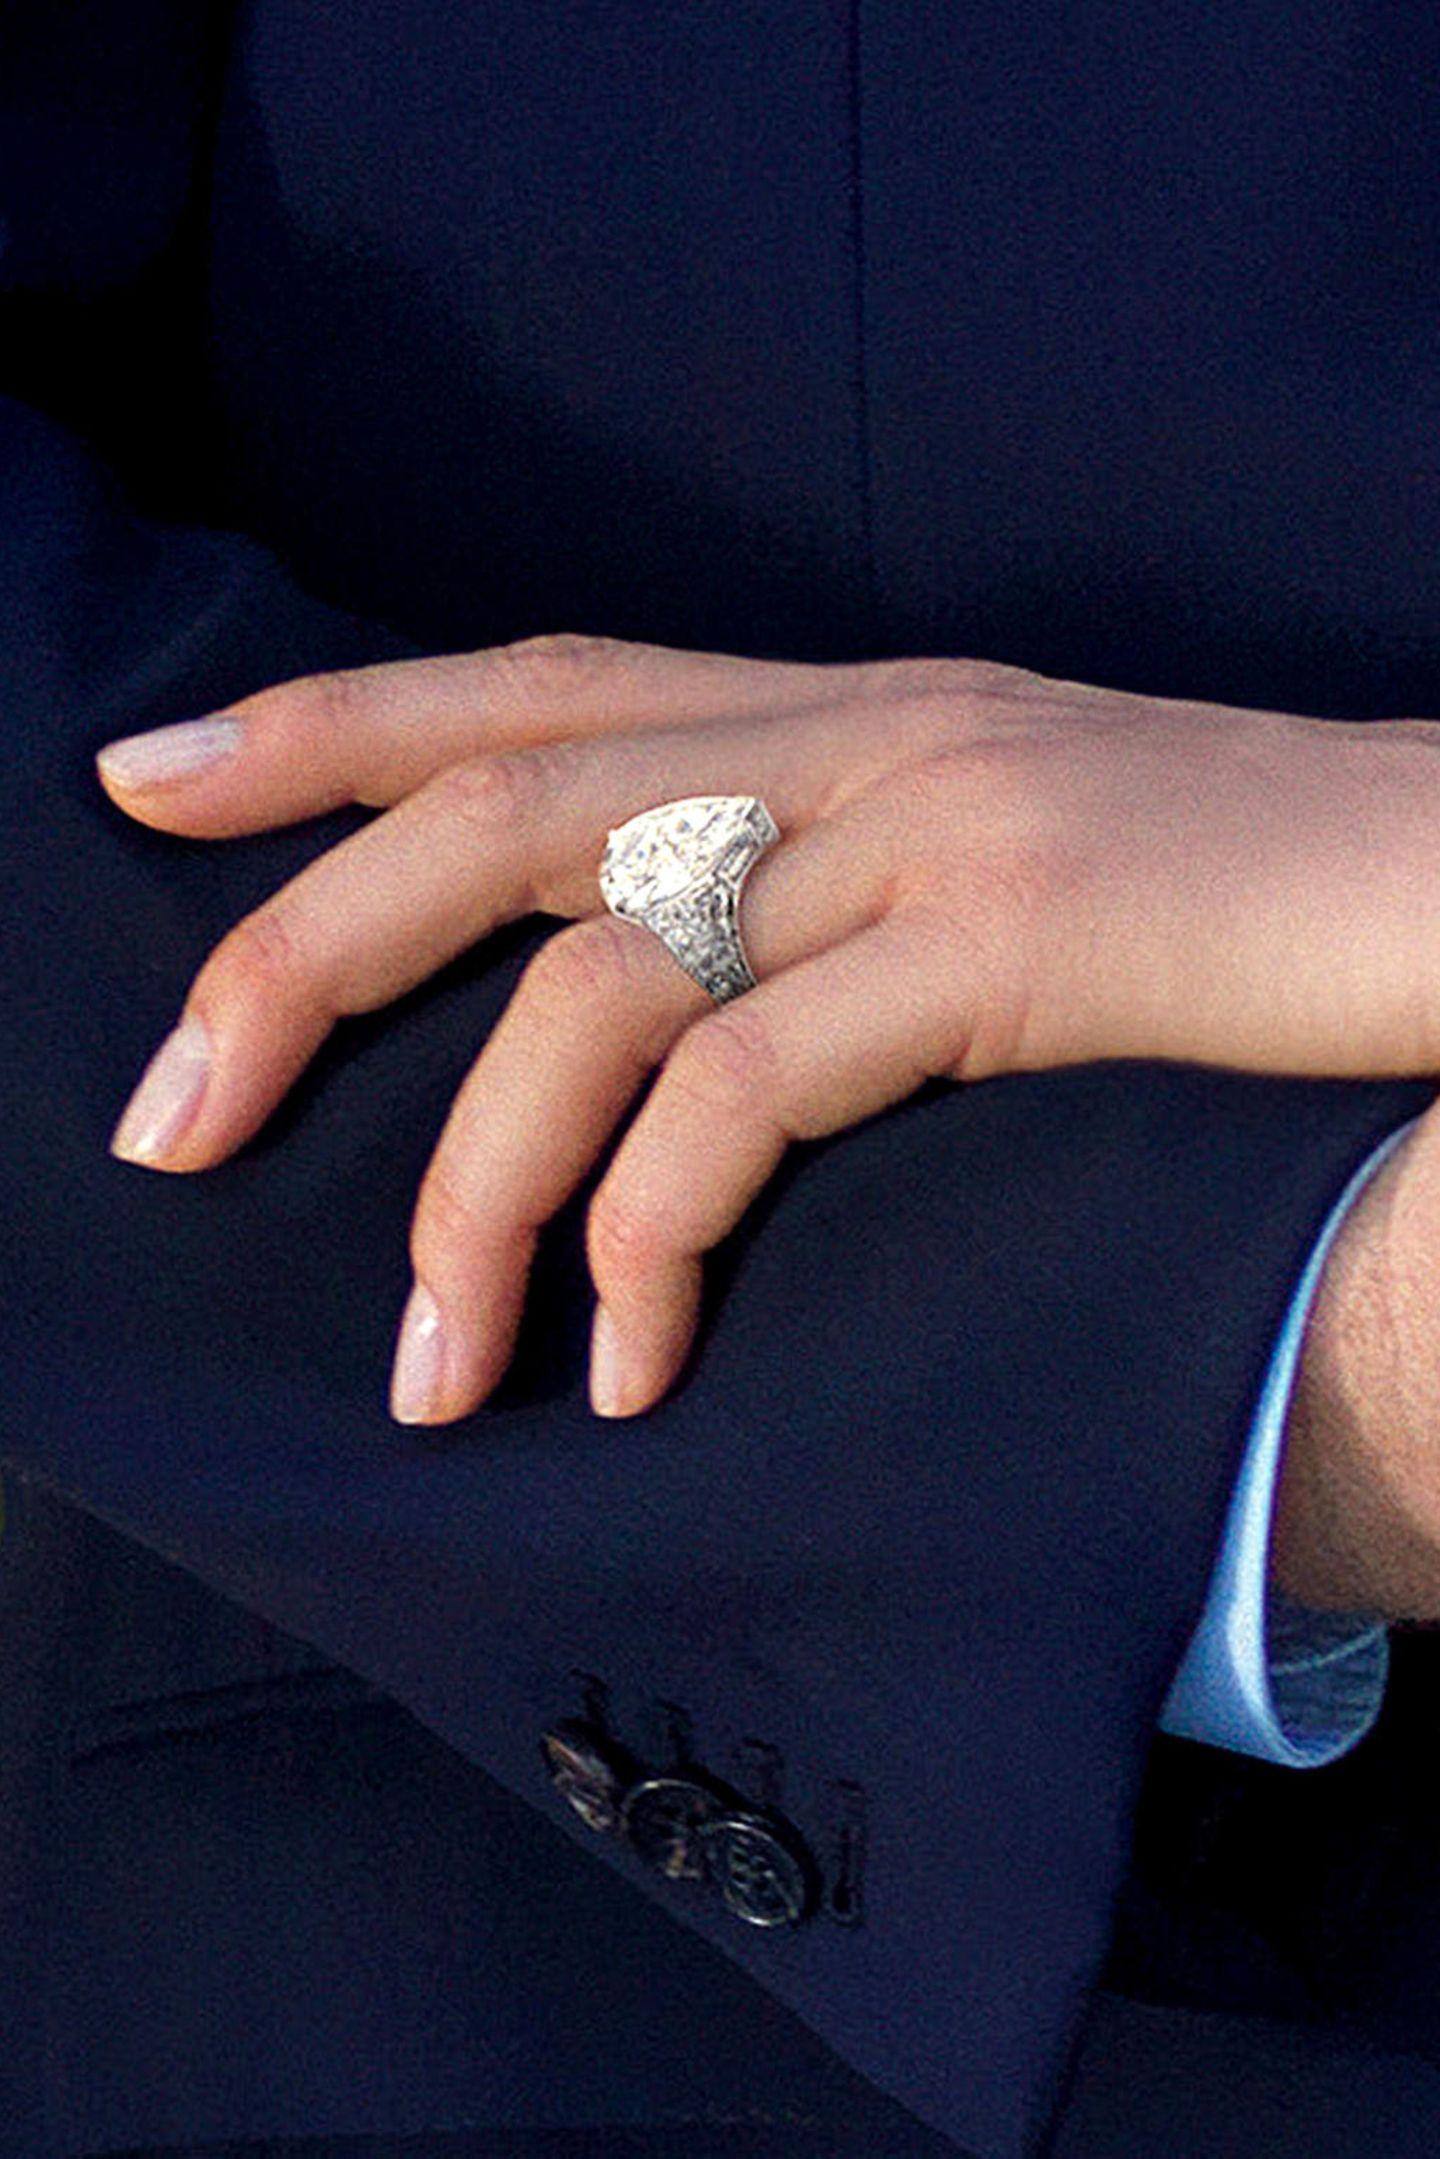 Der Diamantringim Tropfenschliff wird von einermit weiteren wertvollen Steinen besetzten Schiene eingefasst und funkelt pompös vom Ringfinger.